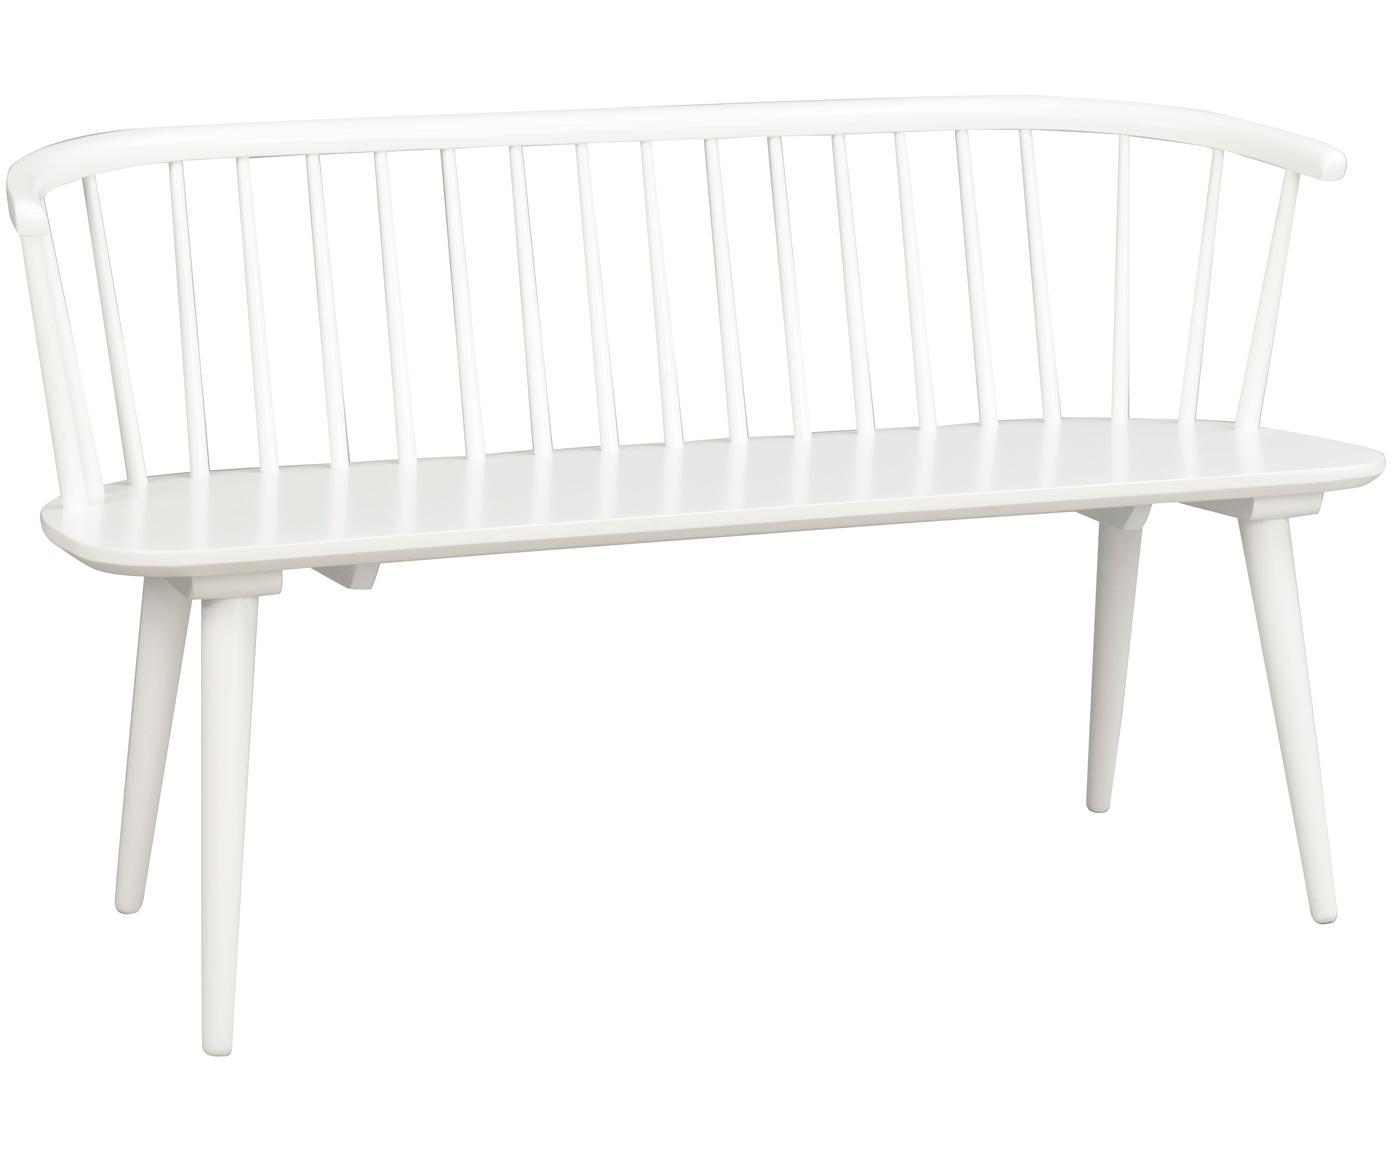 Weiße Holzbank Carmen im Windsor Design, Massives Kautschukbaumholz, lackiert, Weiß, 134 x 76 cm